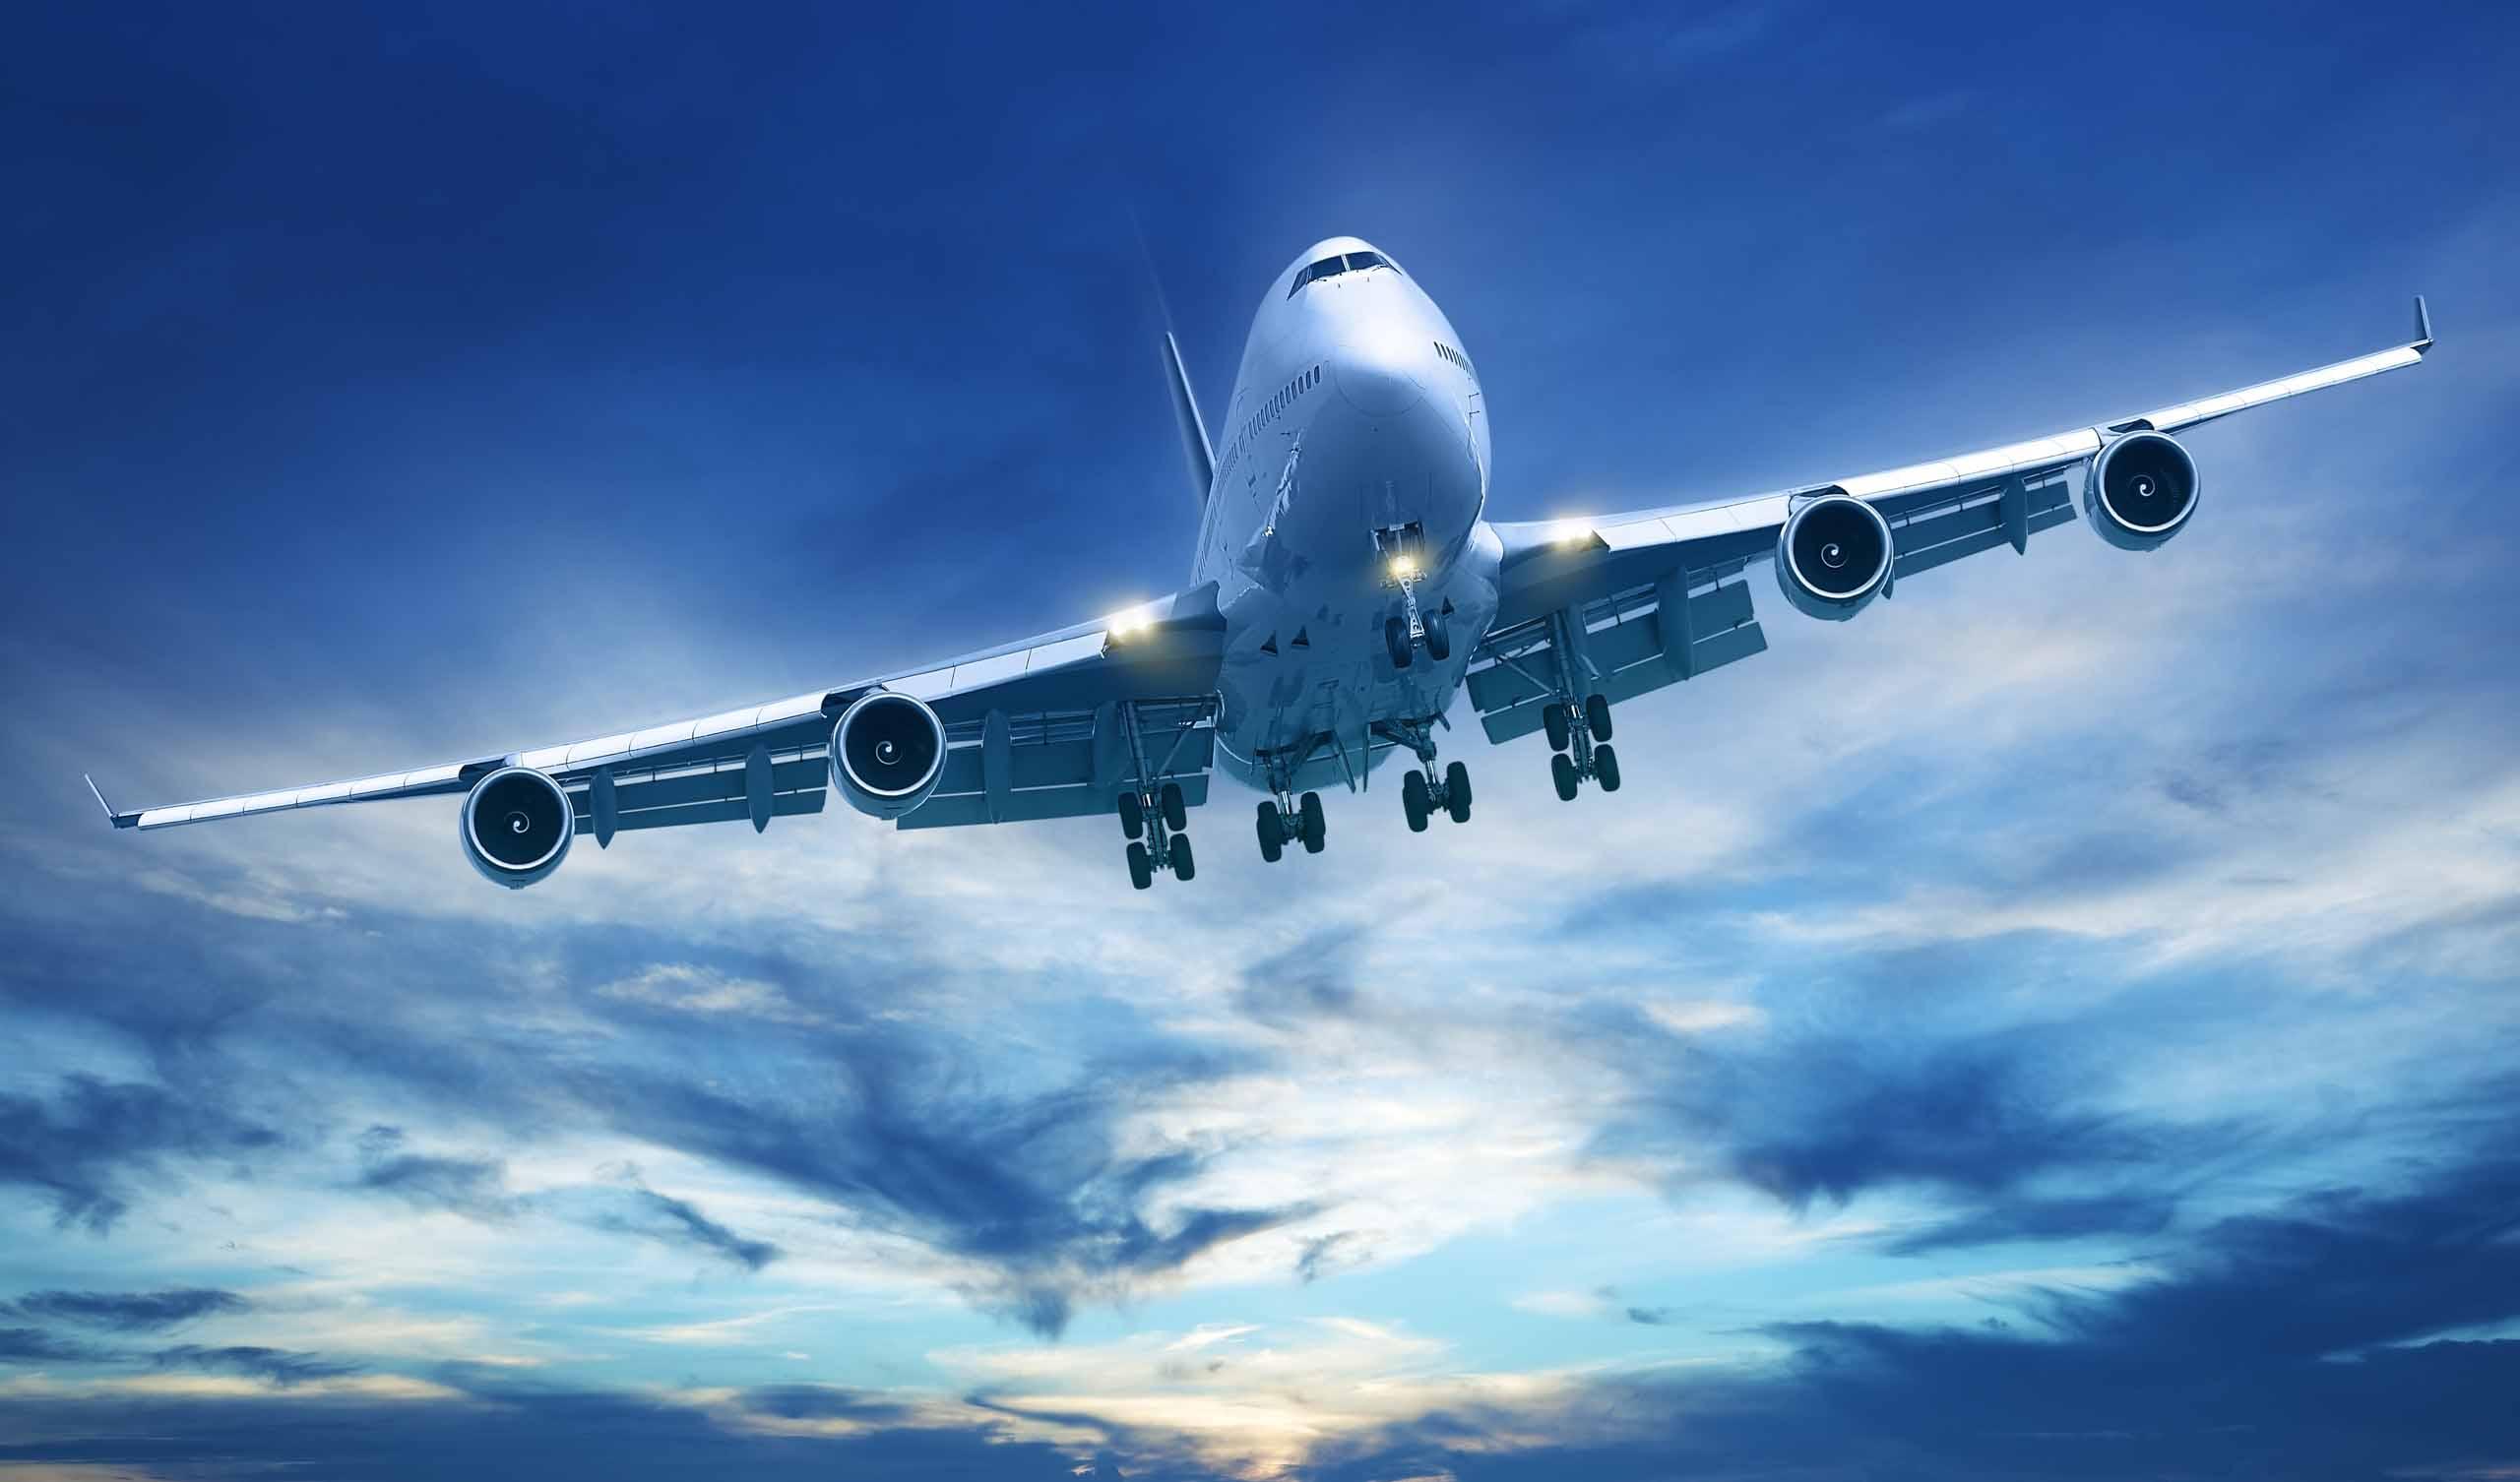 هواپیماهای خارجی به آسمان ایران بازمیگردند